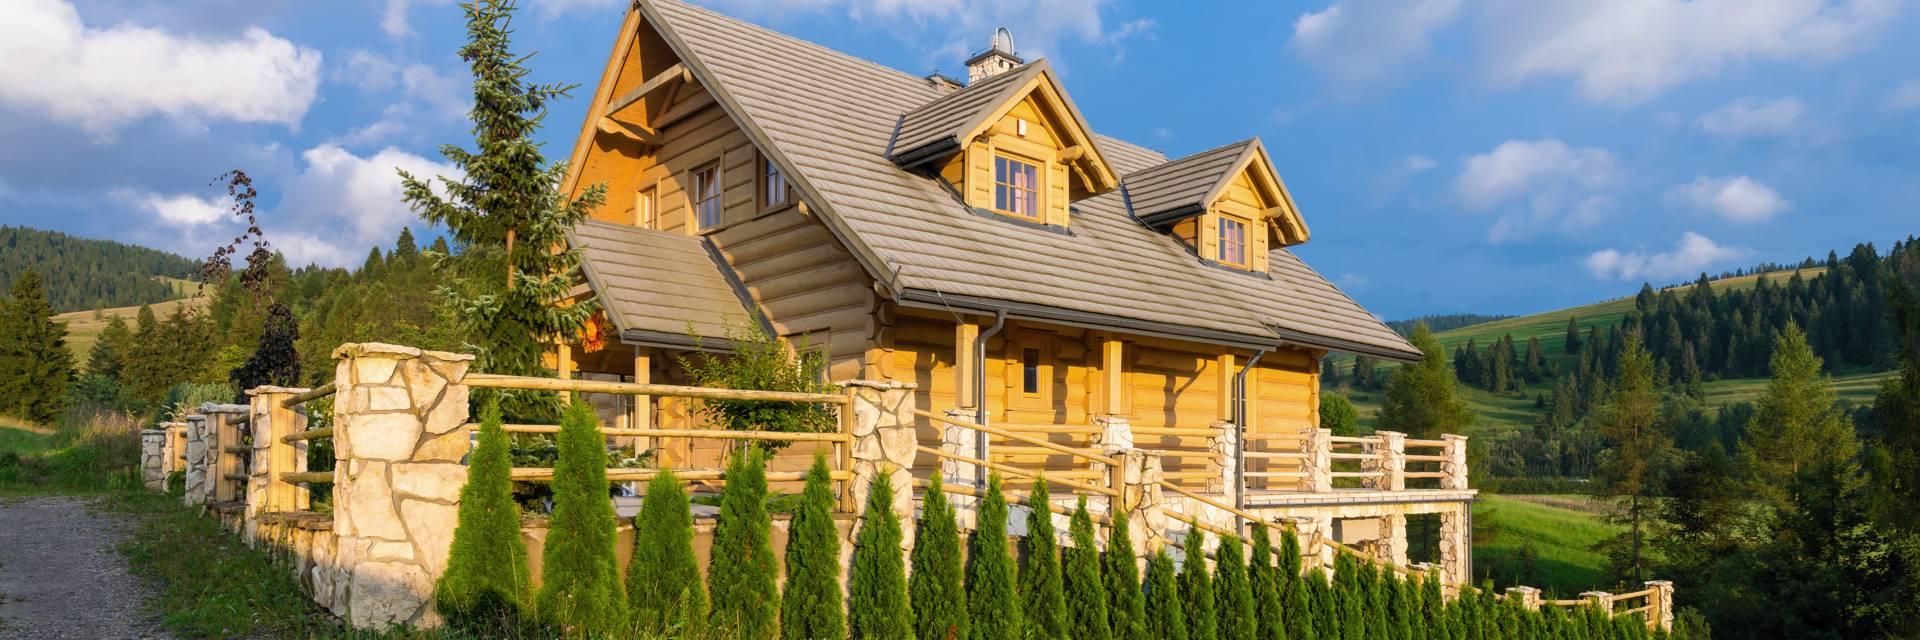 KOMPLET STAVBY - stavební společnost, firma Opava - rodinné domy na klíč